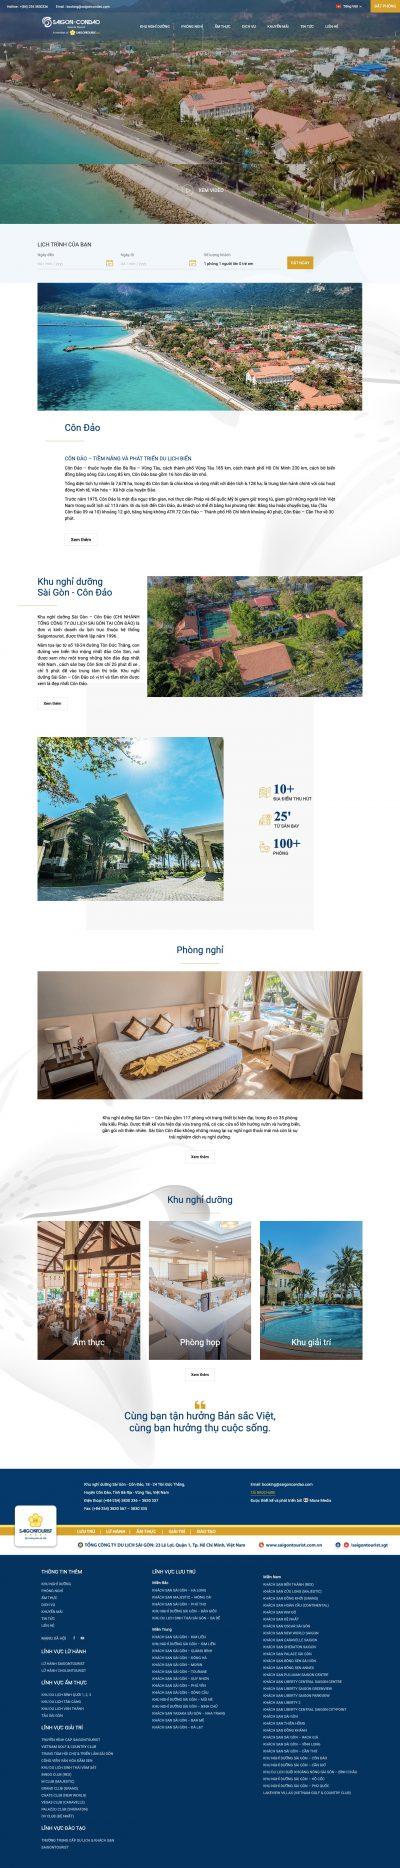 Khu nghỉ dưỡng Sài Gòn – Côn Đảo